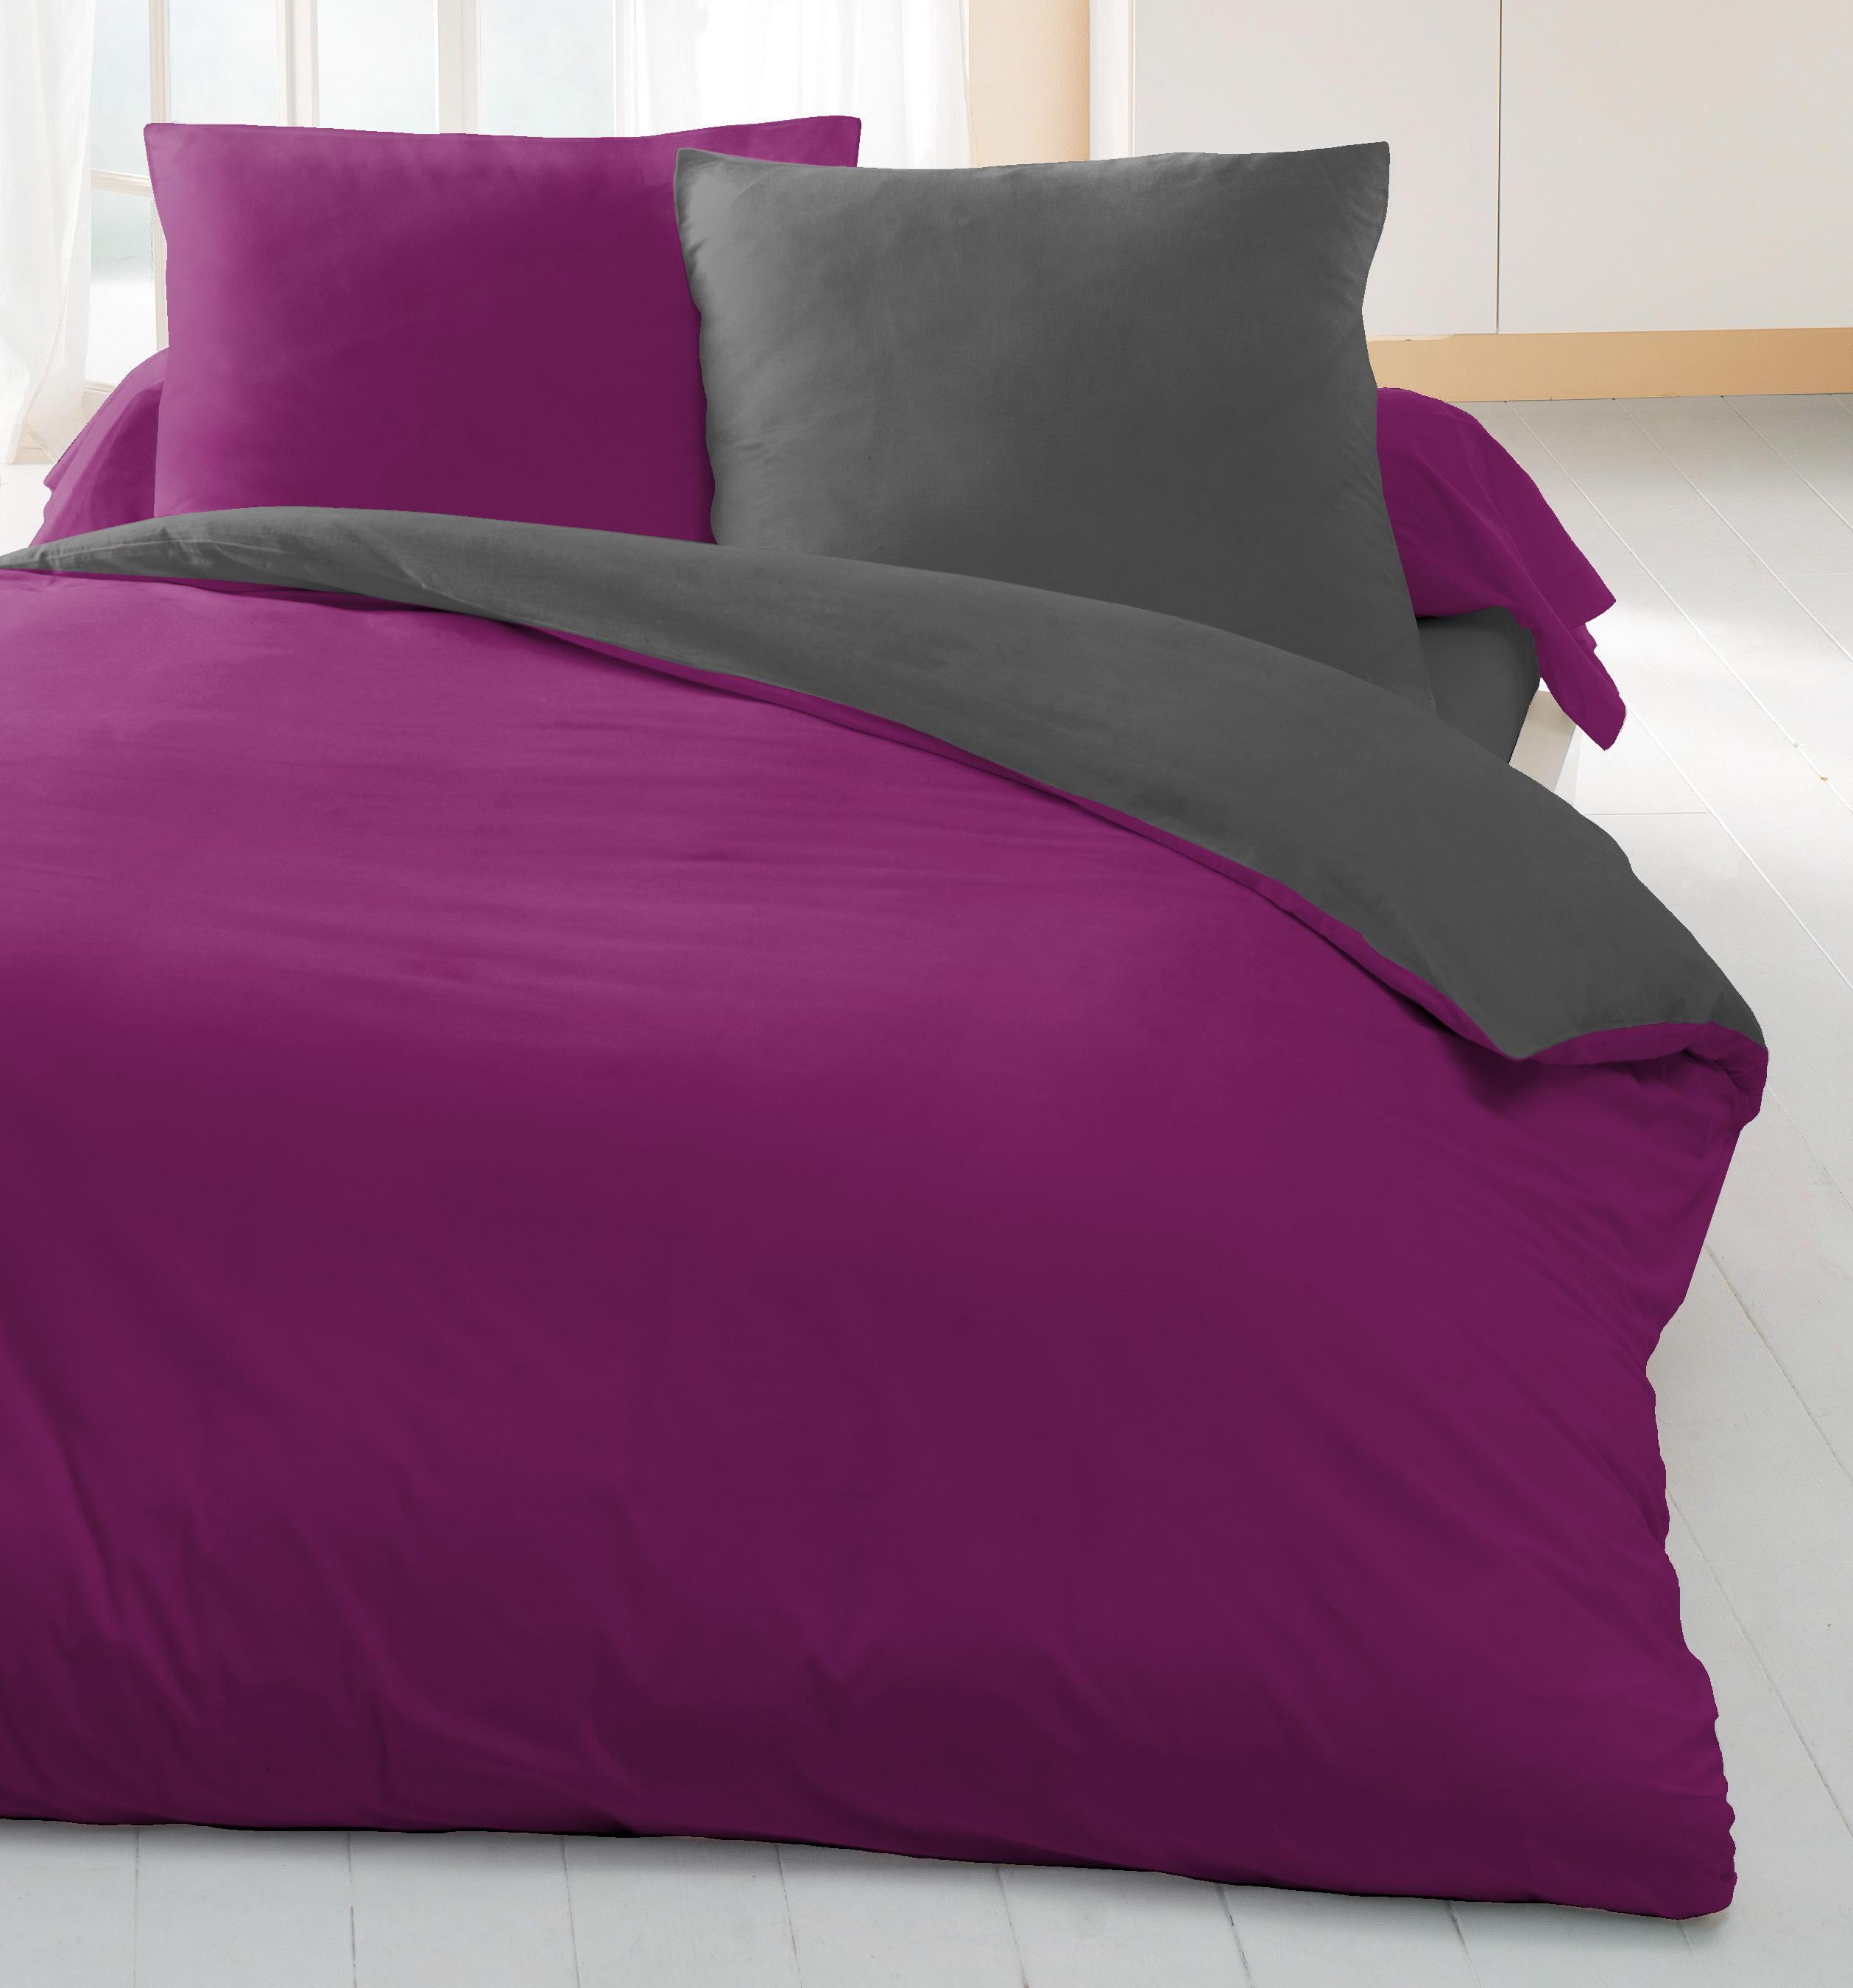 parure de couette 3 pieces groseille gris fonce housse de. Black Bedroom Furniture Sets. Home Design Ideas